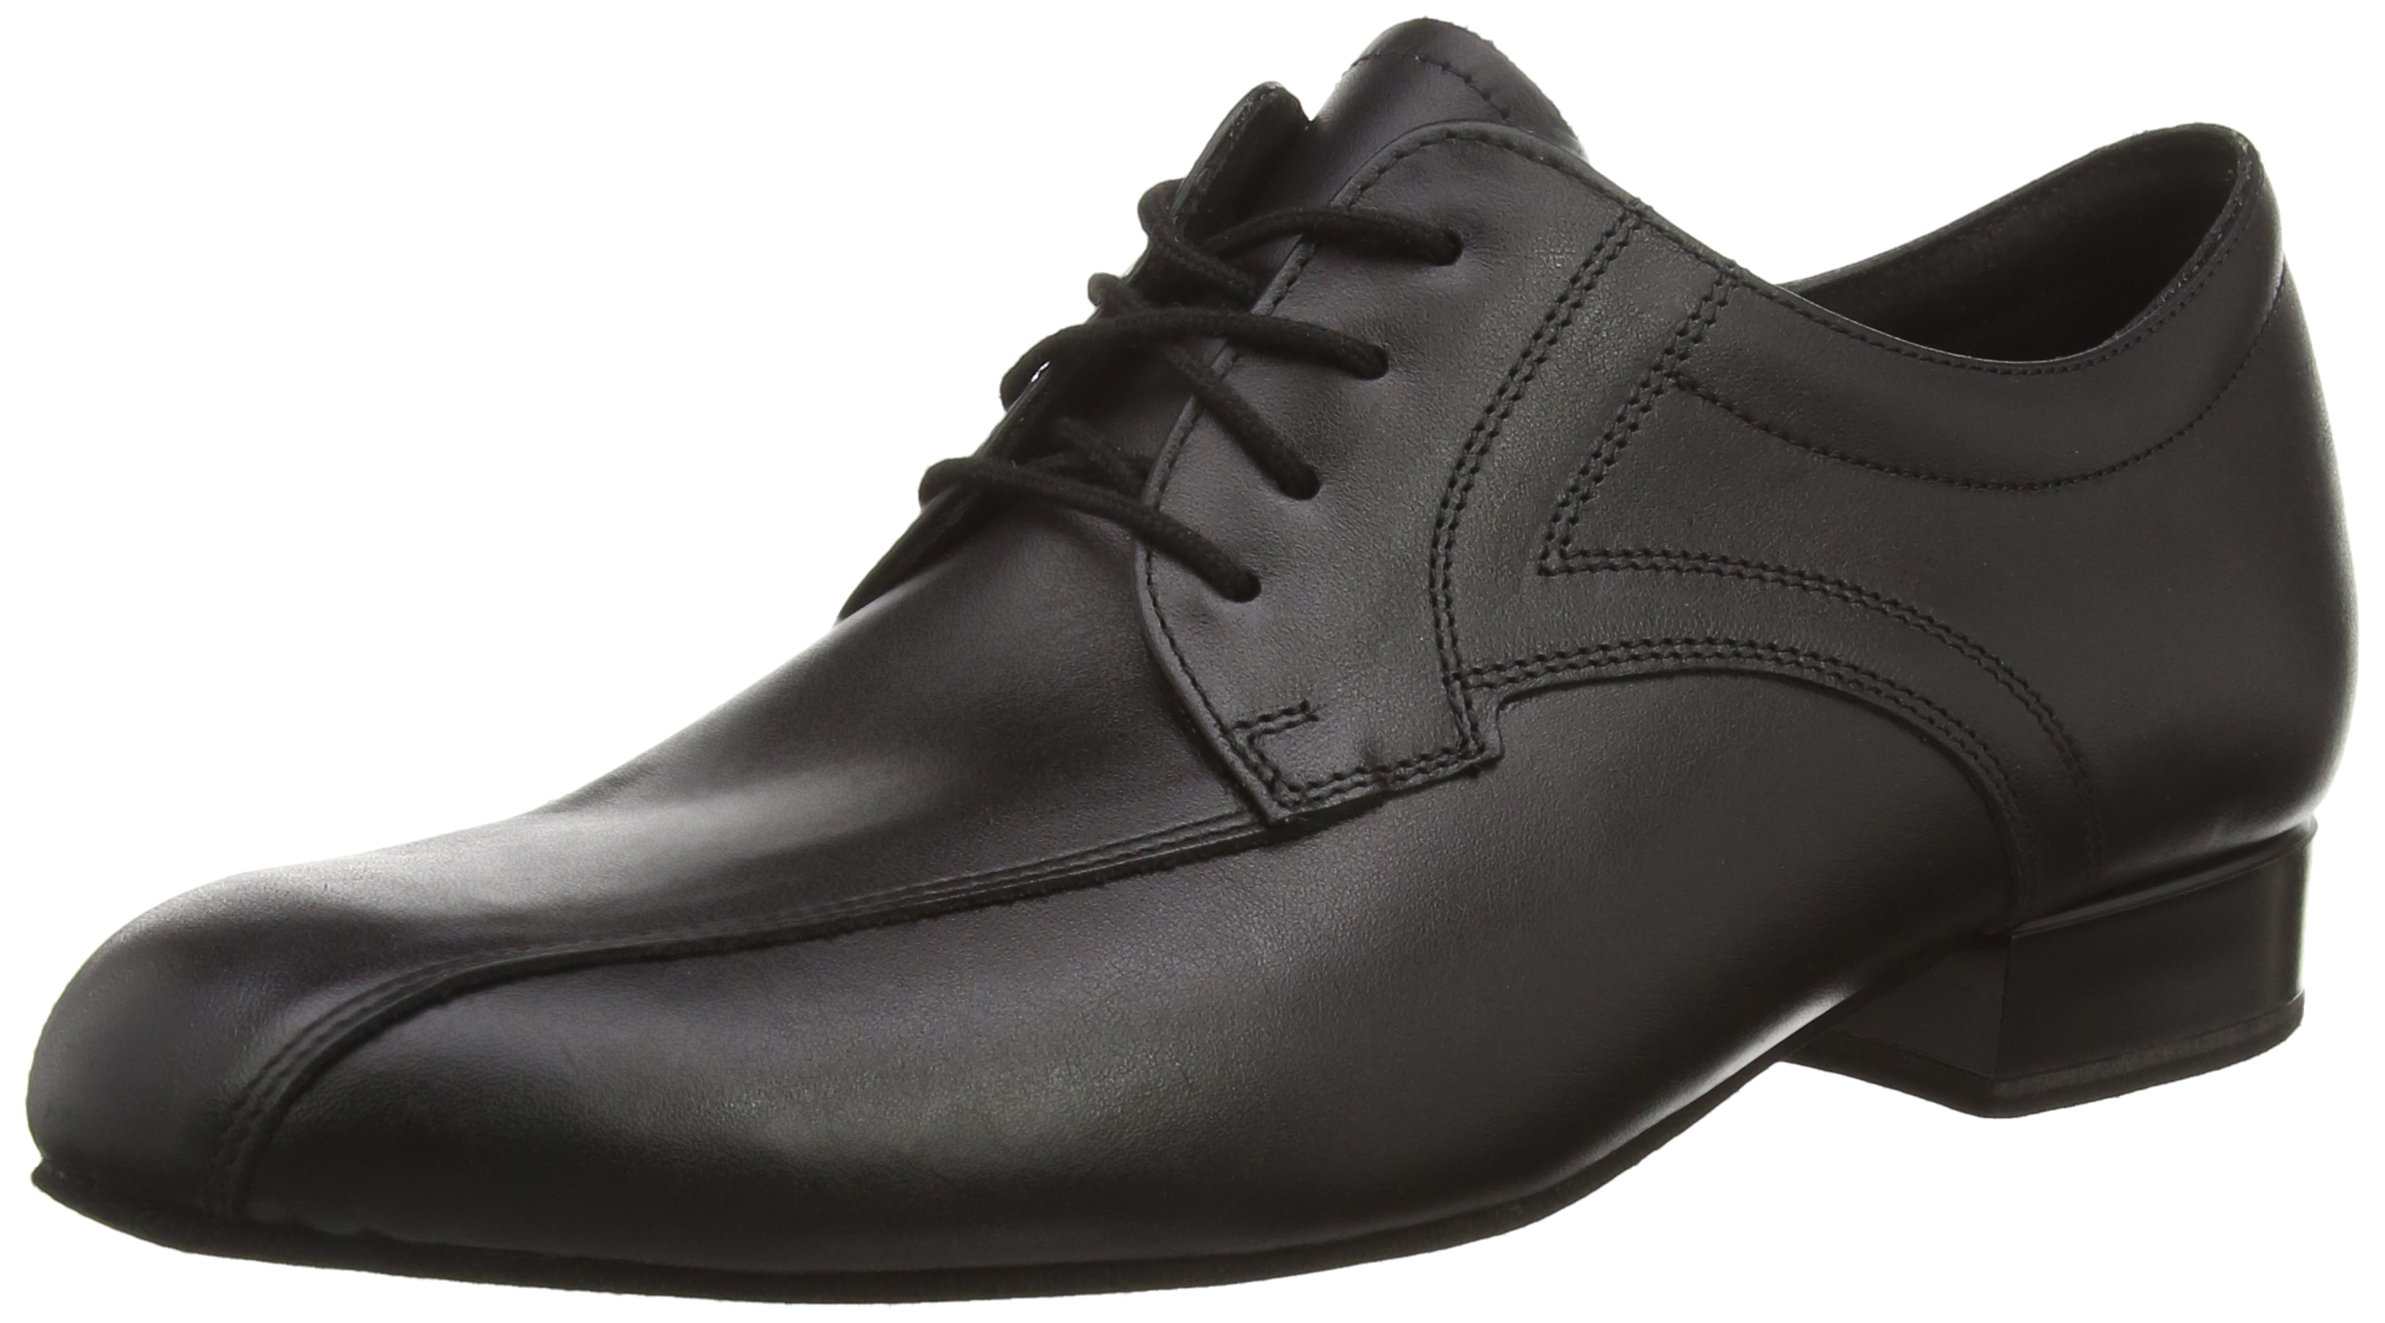 Diamant Men's Model 094 - 3/4'' (2 cm) Standard Shoe (Wide - H Width), 9 W US (8.5 UK)